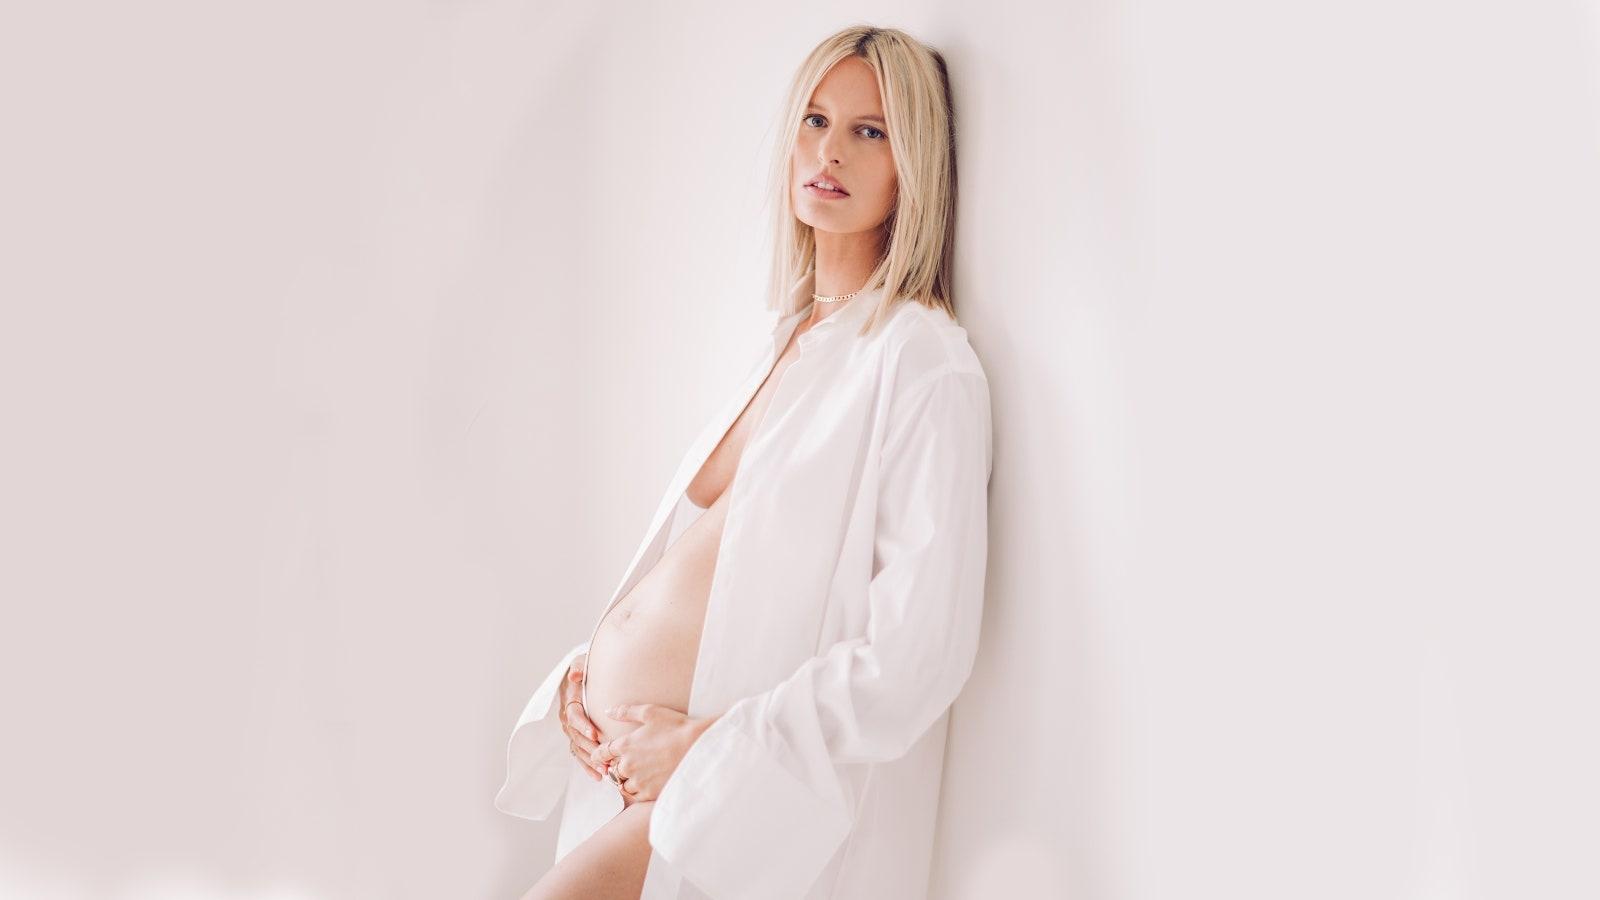 Чешская модель, Каролина Куркова, станет мамой в третий раз - фото №1